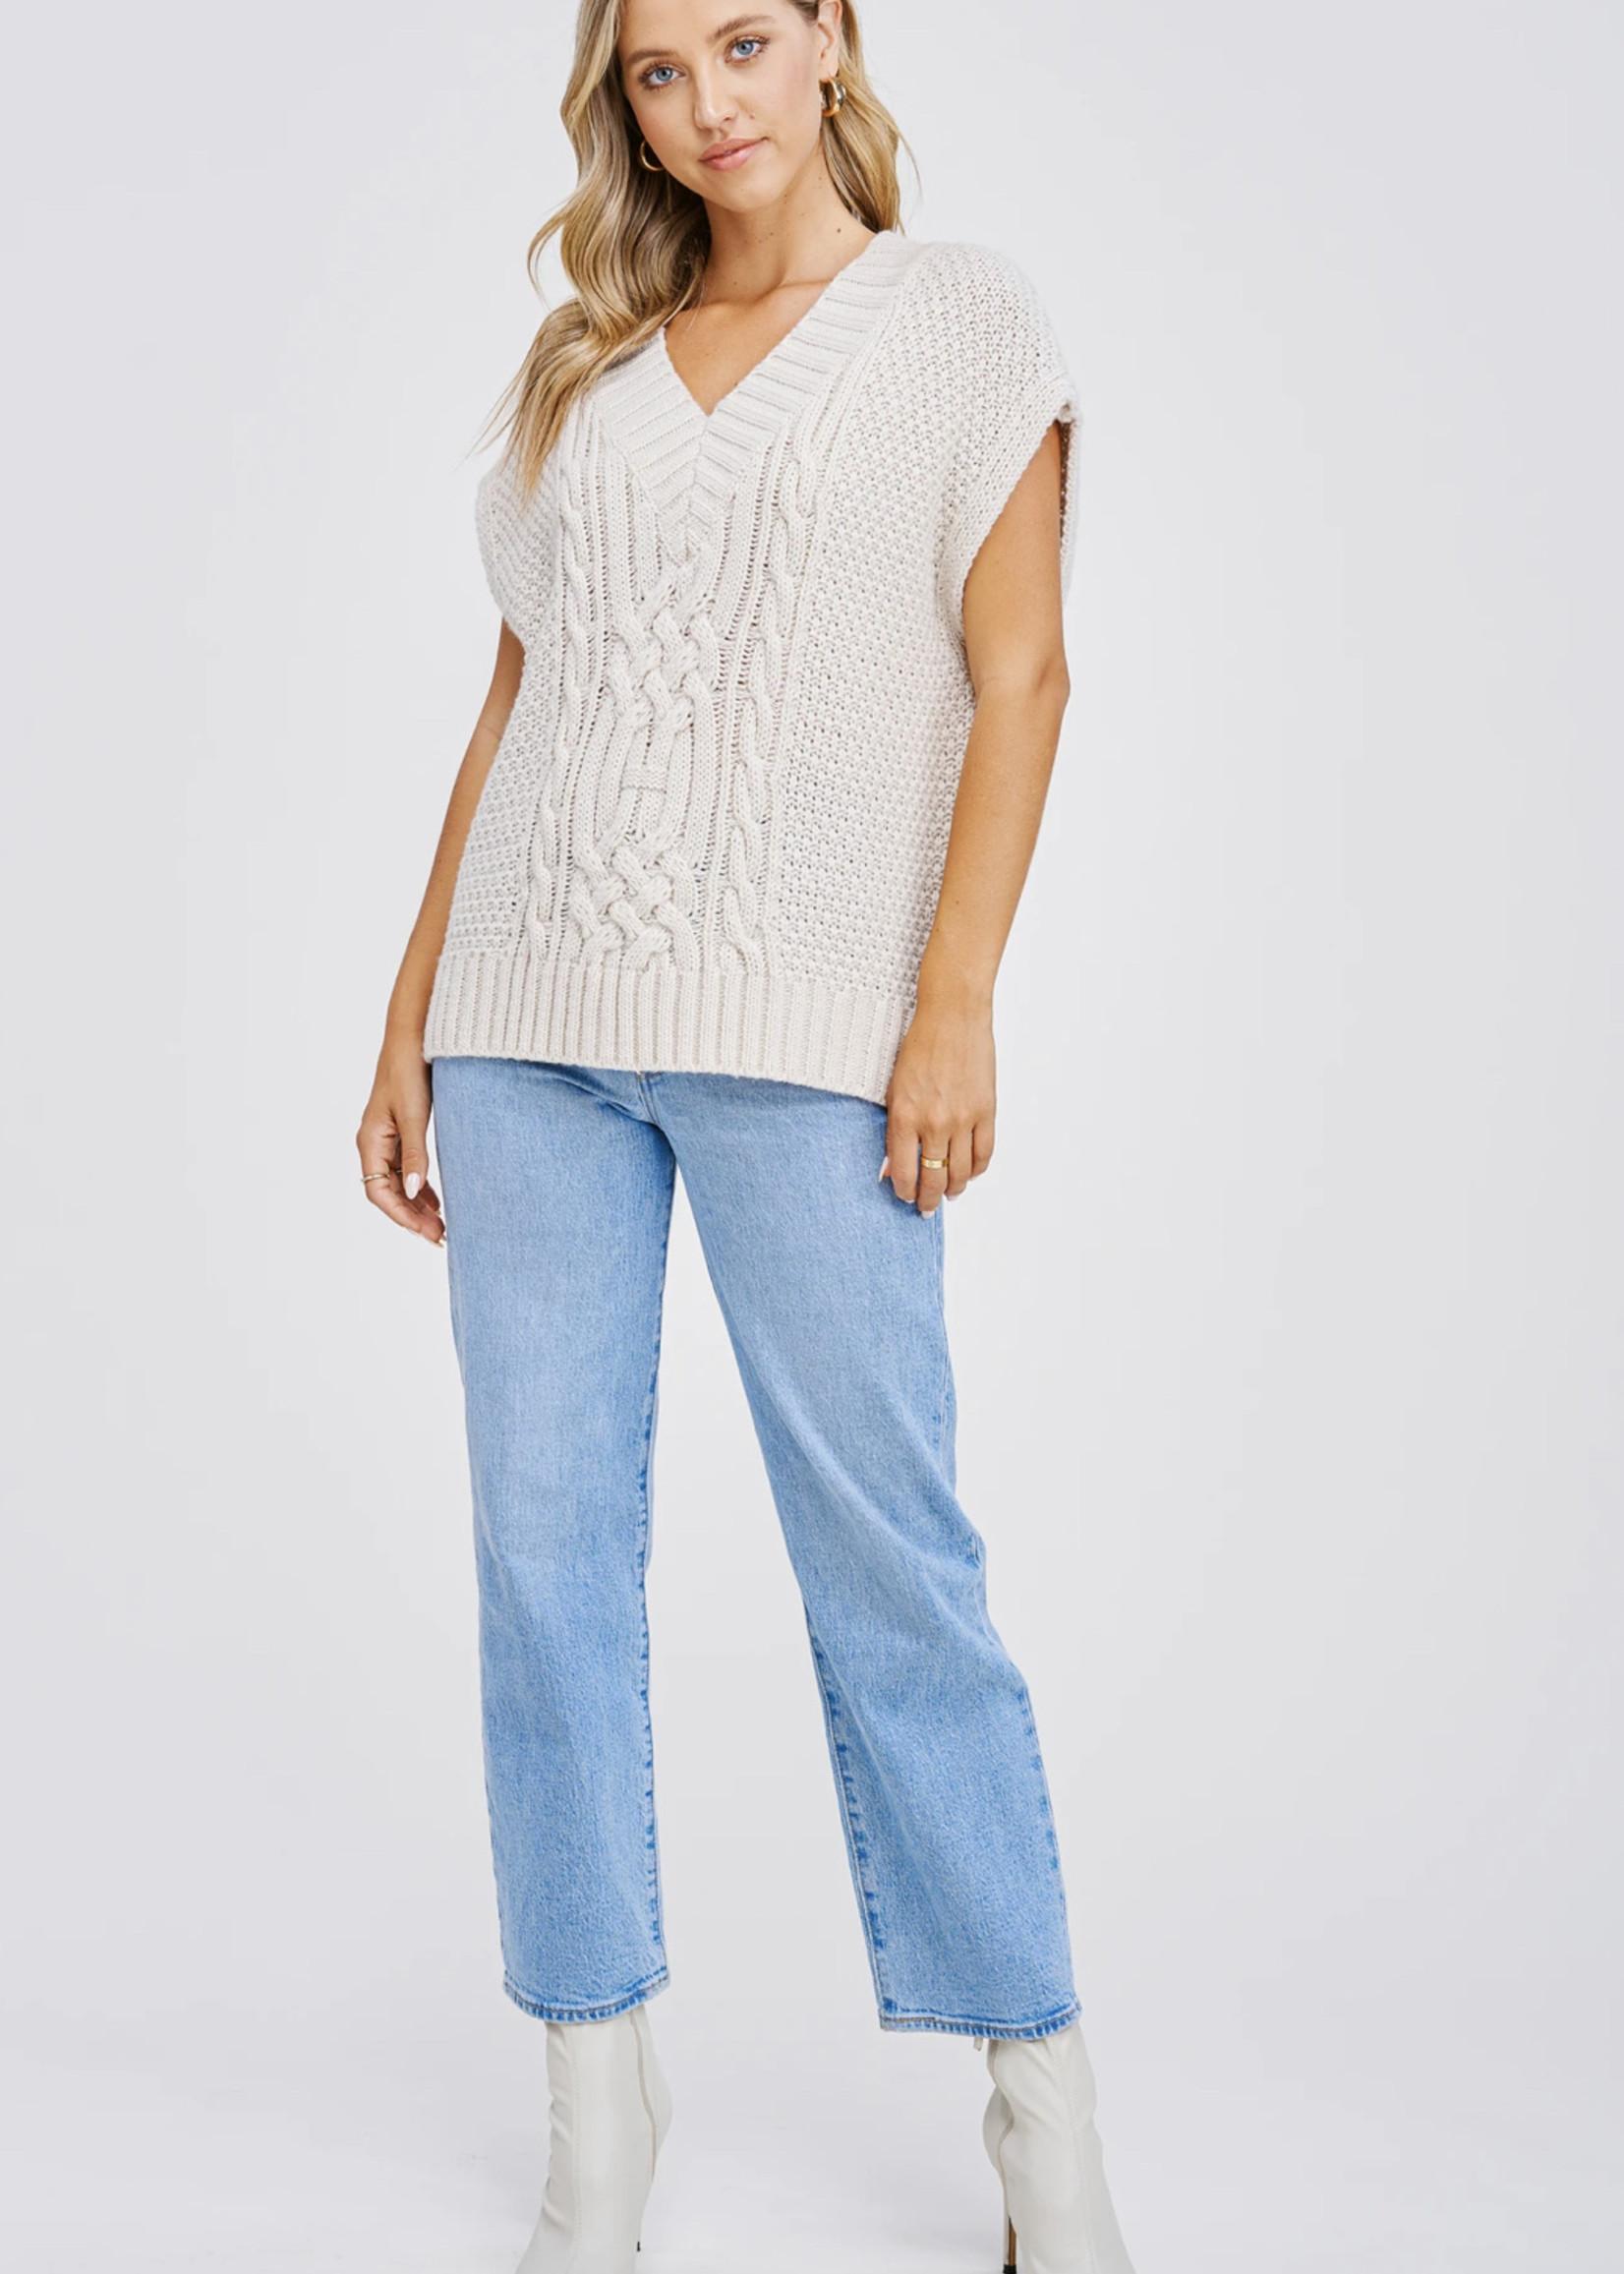 Elitaire Boutique Cable Cream Knit Vest